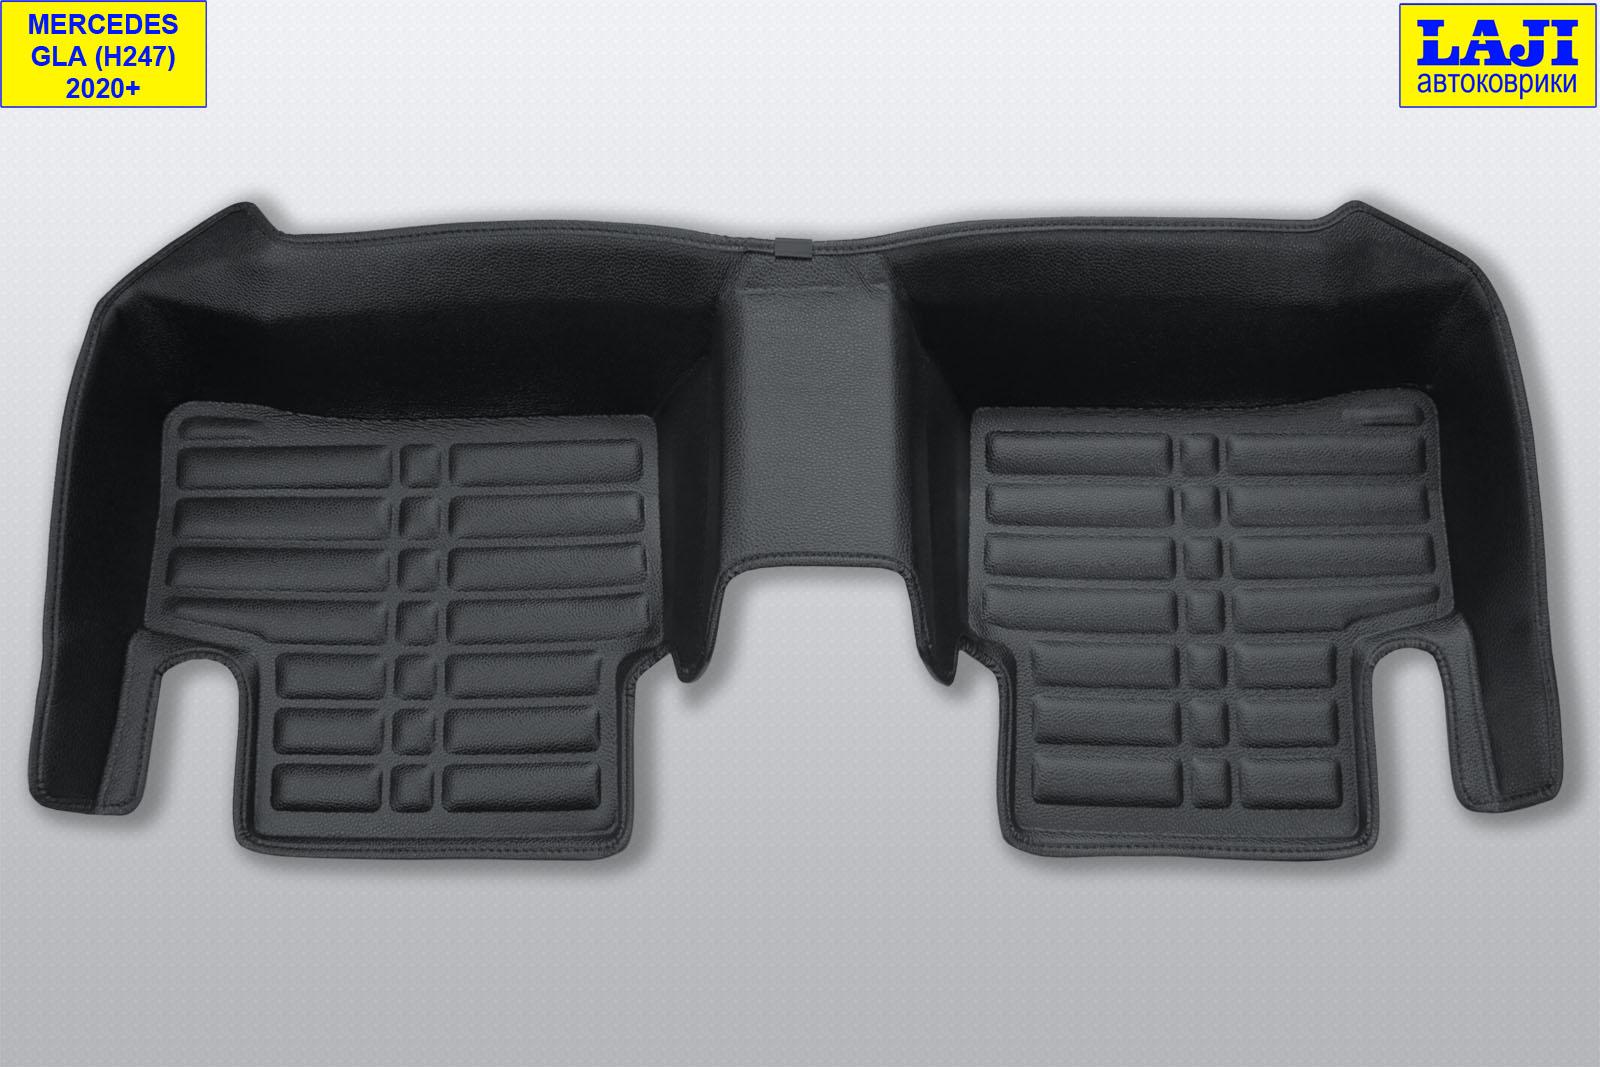 5D коврики в салон Mercedes GLA H247 2020-н.в. 9